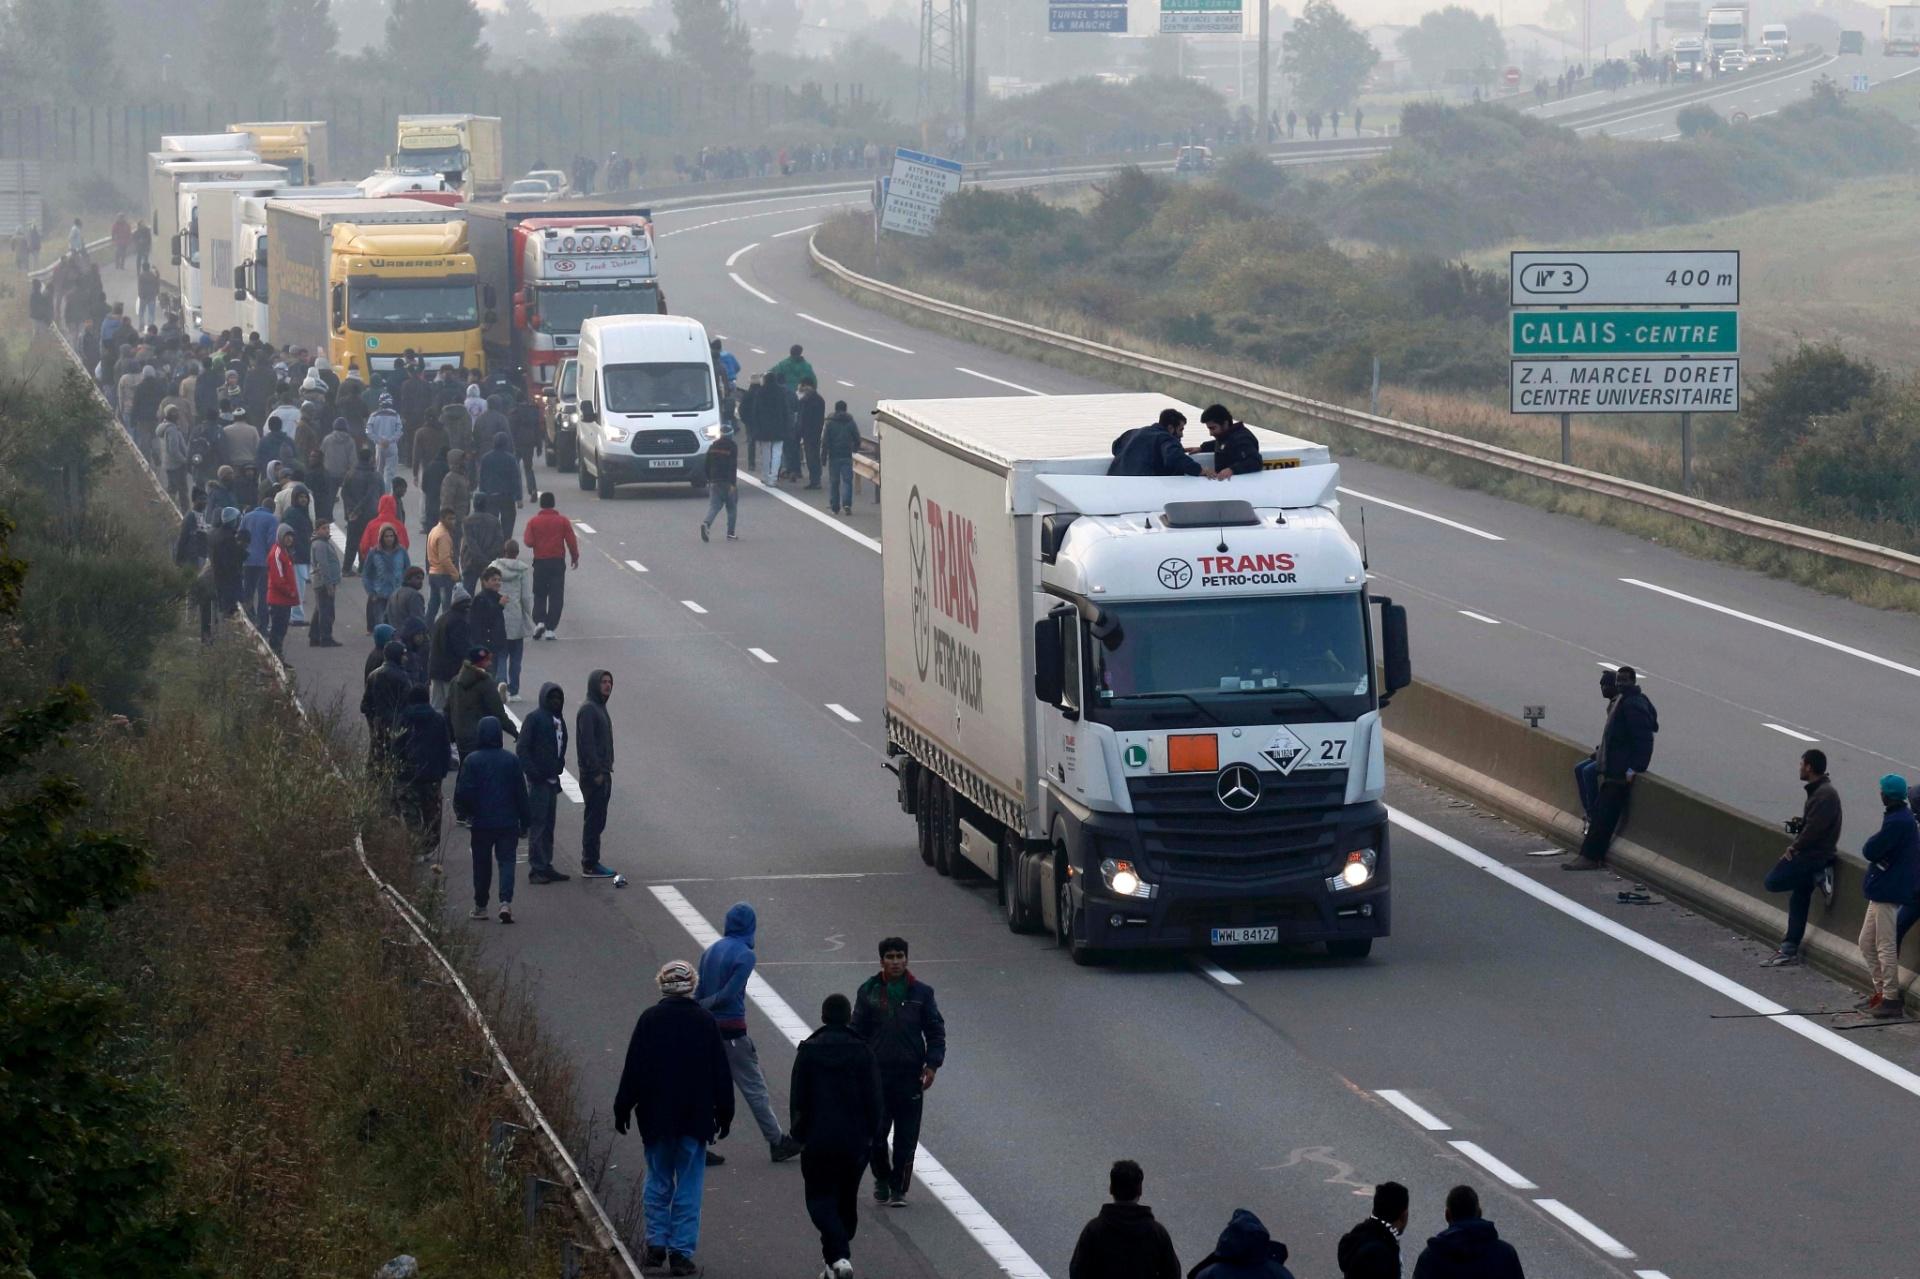 3.out.2015 - Imigrantes se reúnem na estrada que dá acesso ao terminal de ferry boats em Calais (França). Durante a madrugada, cerca de 200 imigrantes entraram no Eurotunnel pela cidade francesa, chocando-se com a equipe e polícia e forçando a suspensão dos serviços. Cerca de 3.000 de refugiados estão acampados no lado francês do túnel em Calais, tentando embarcar em veículos que se dirigem para a Grã-Bretanha